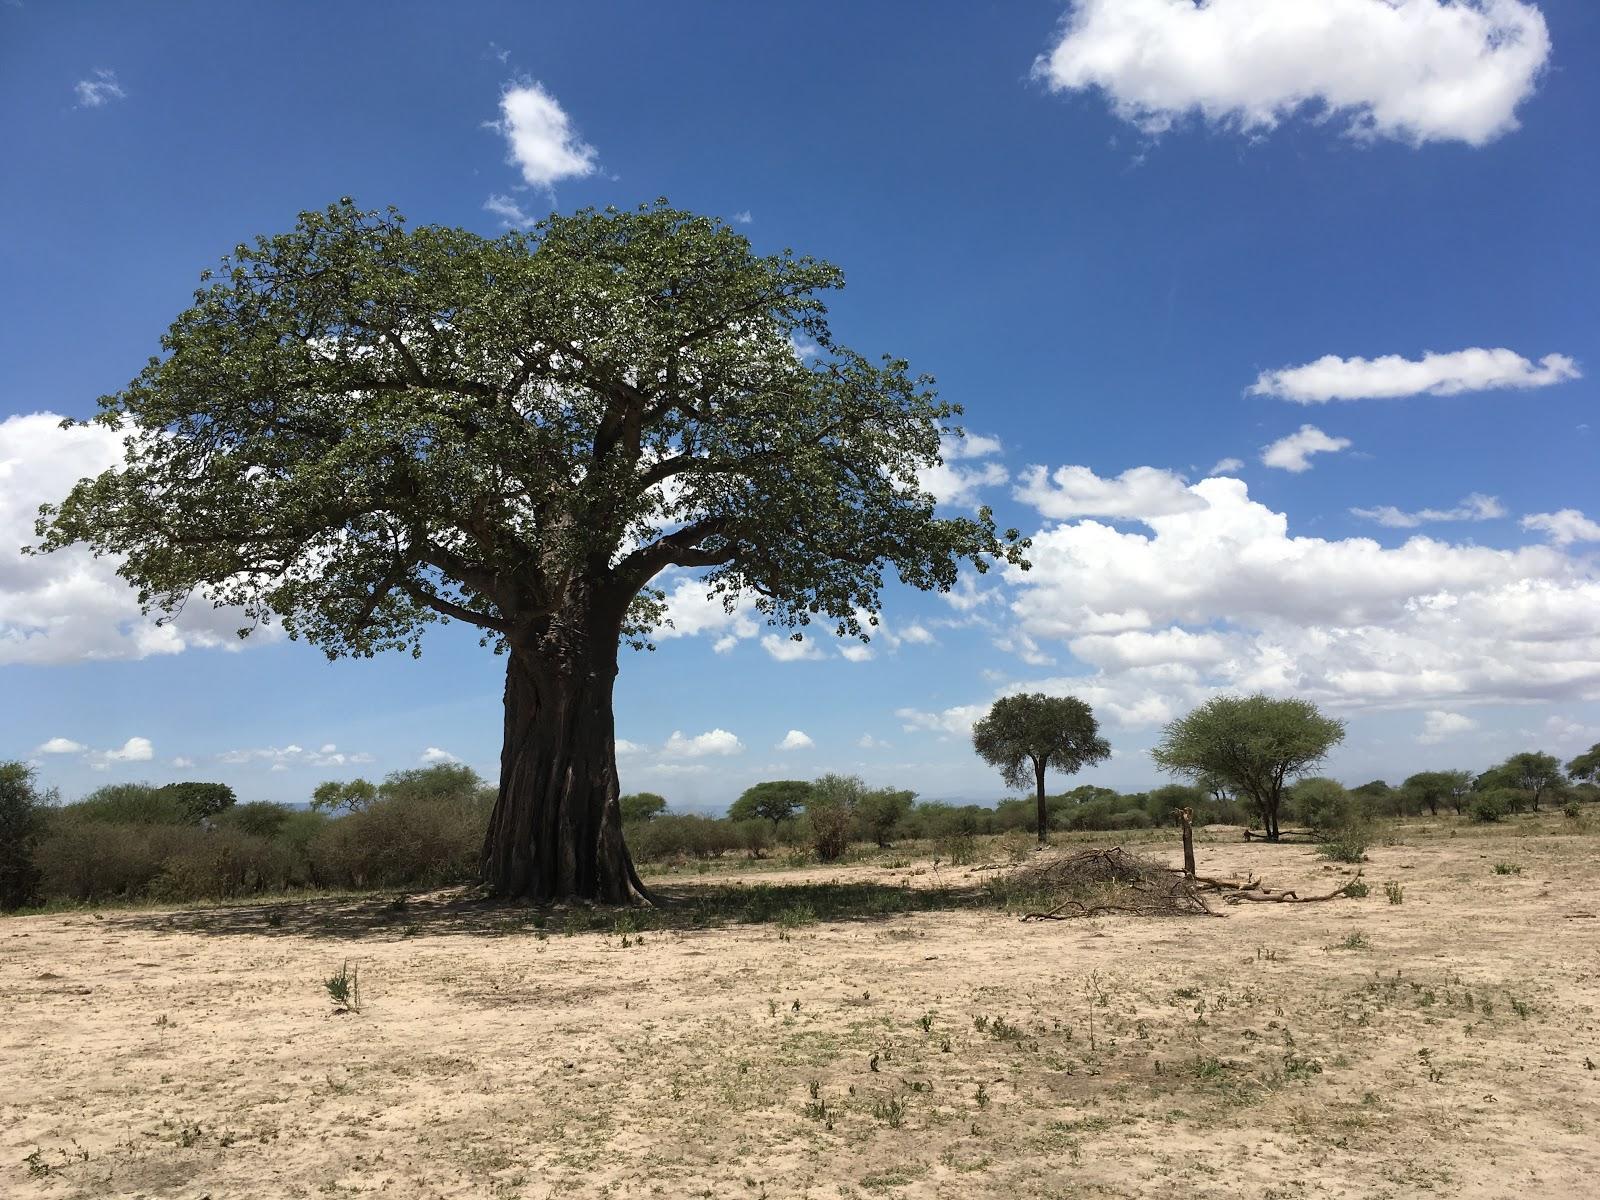 Mohutný baobab, typický strom v tropickej časti Afriky